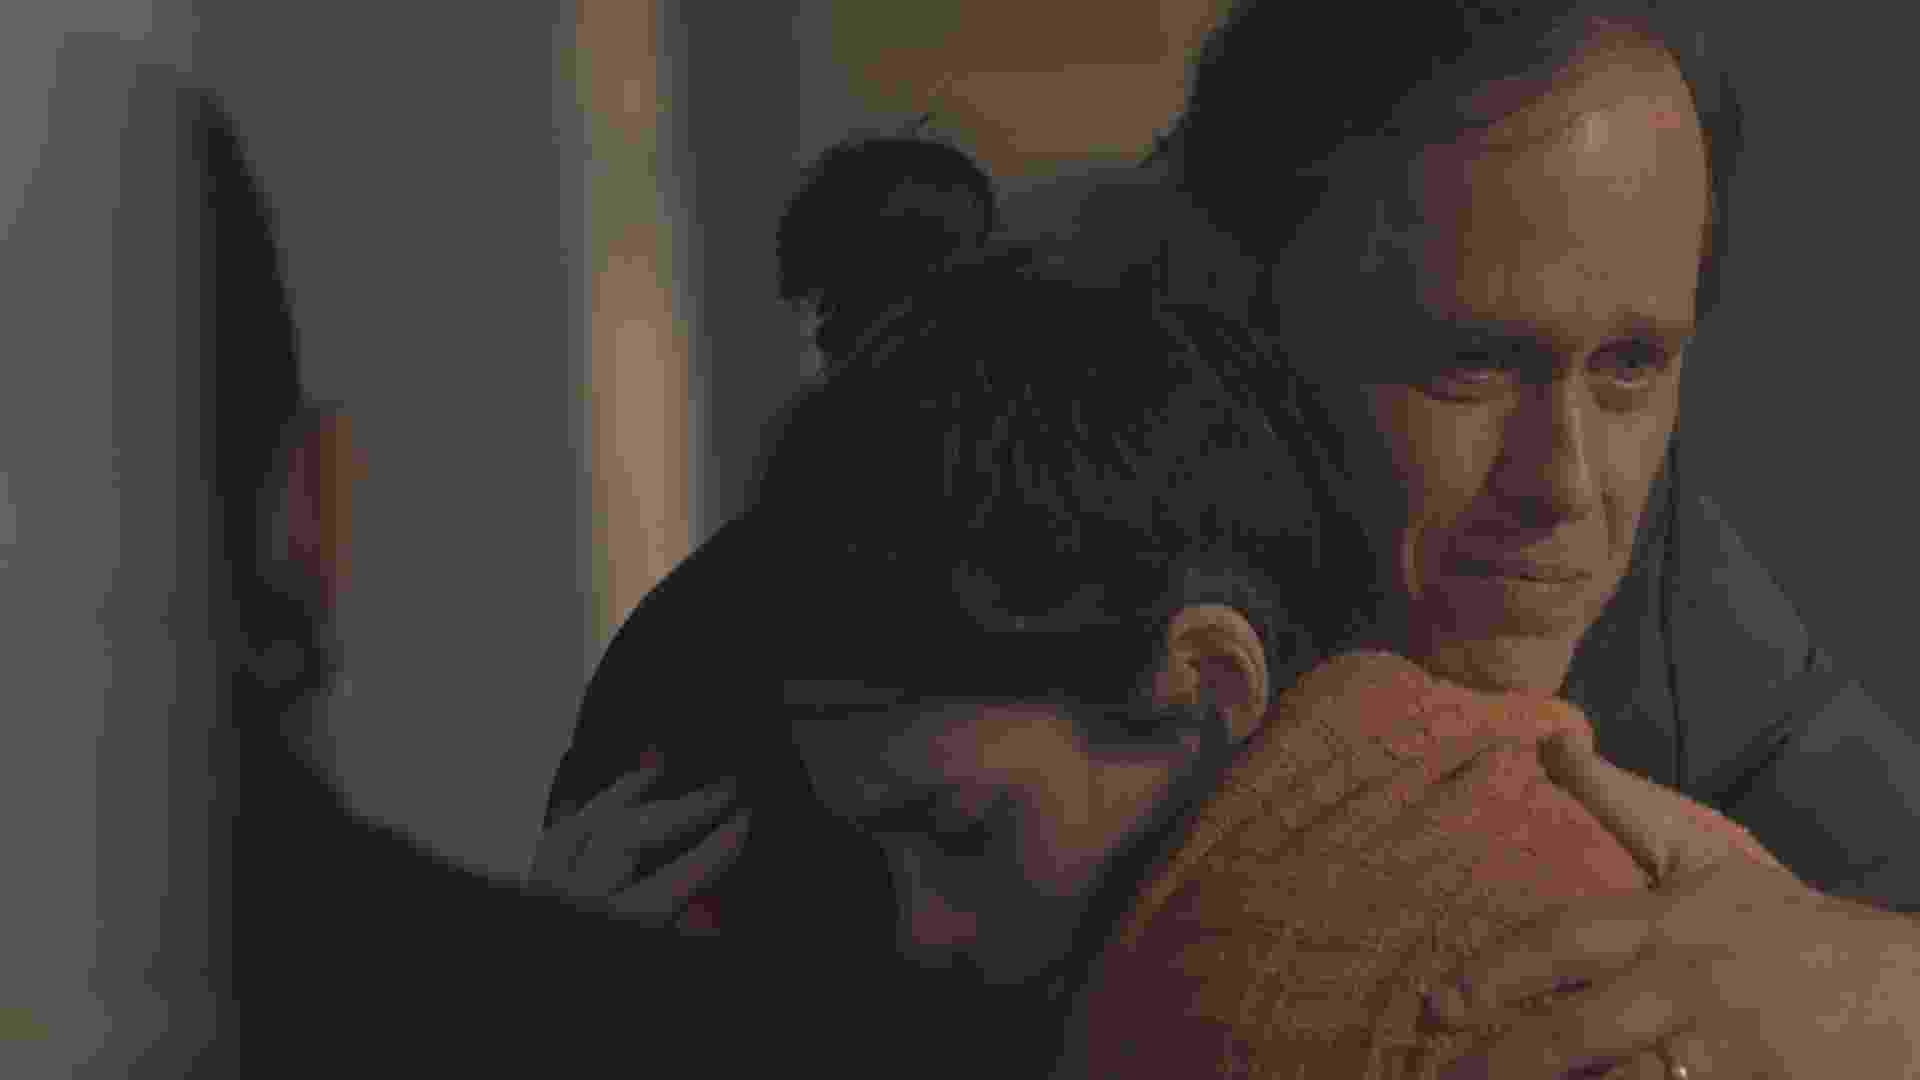 """Guilherme Fontes vive o apresentador de TV Silas na série """"A Lei"""", que será exibida pelo canal pago Space em 2017. Na trama, o personagem é ligado ao crime organizado - Divulgação"""